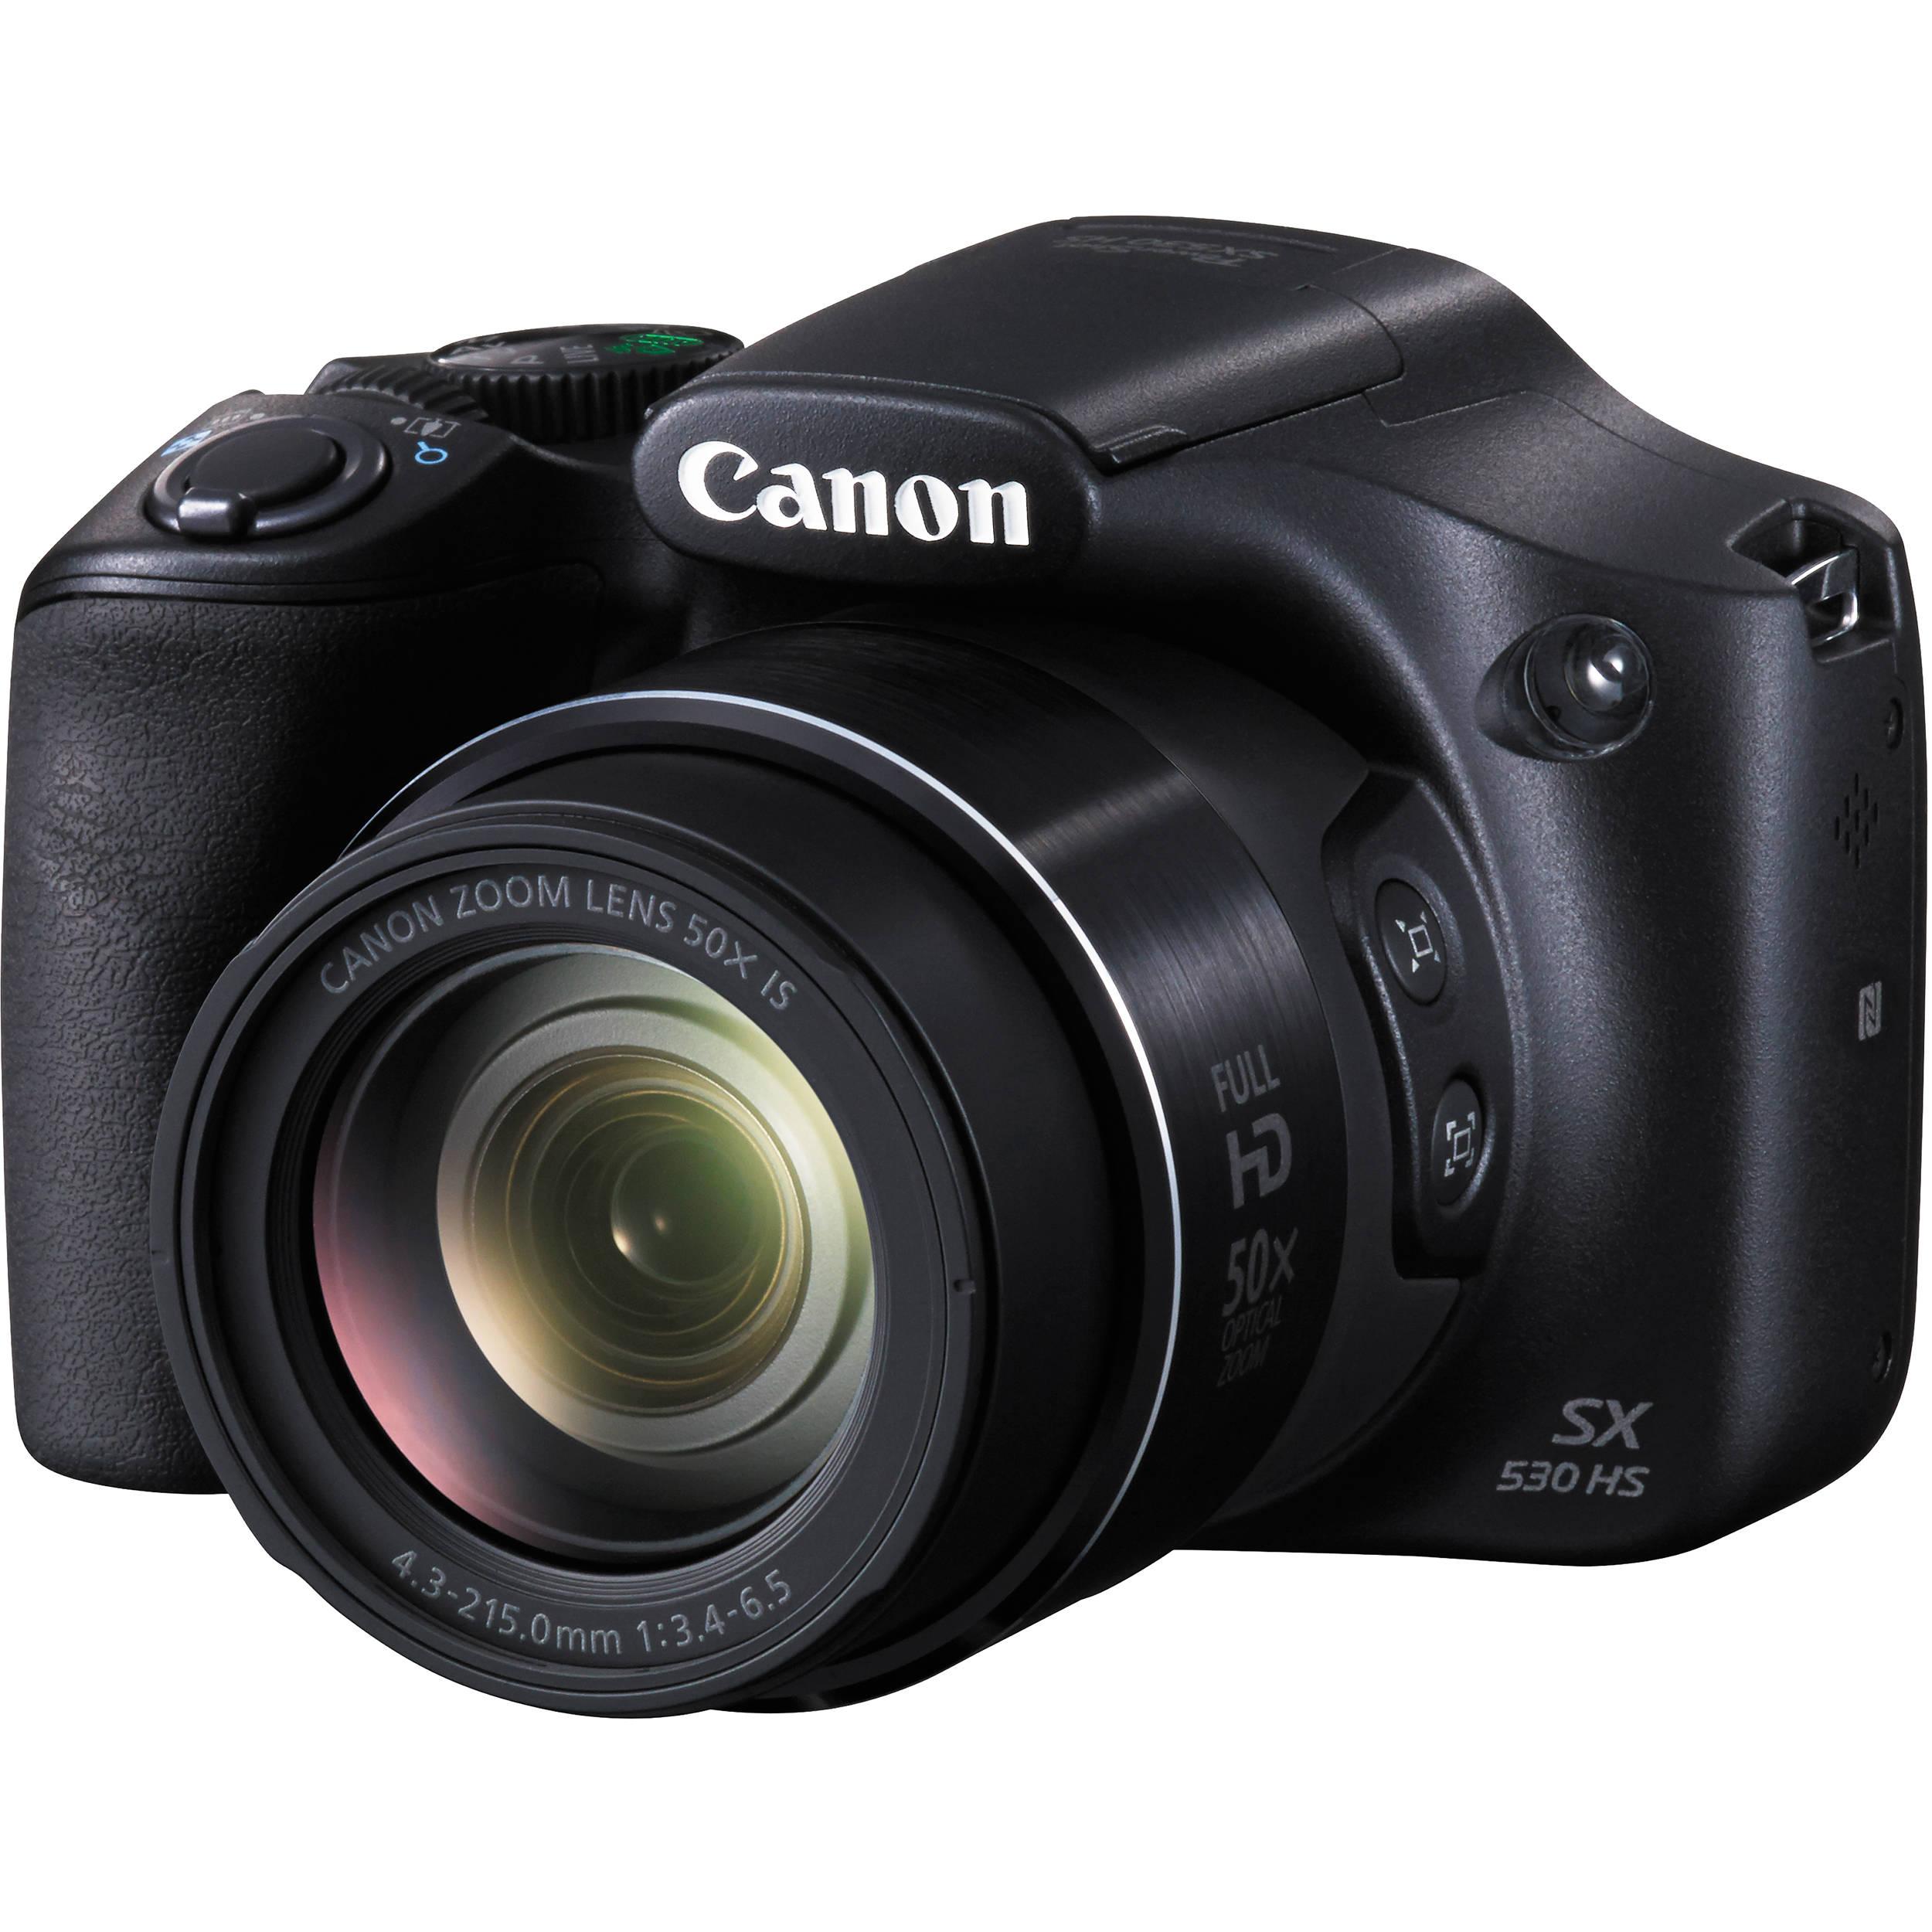 Canon Powershot Sx530 Hs Canon B Powershot Sx Hs Digital